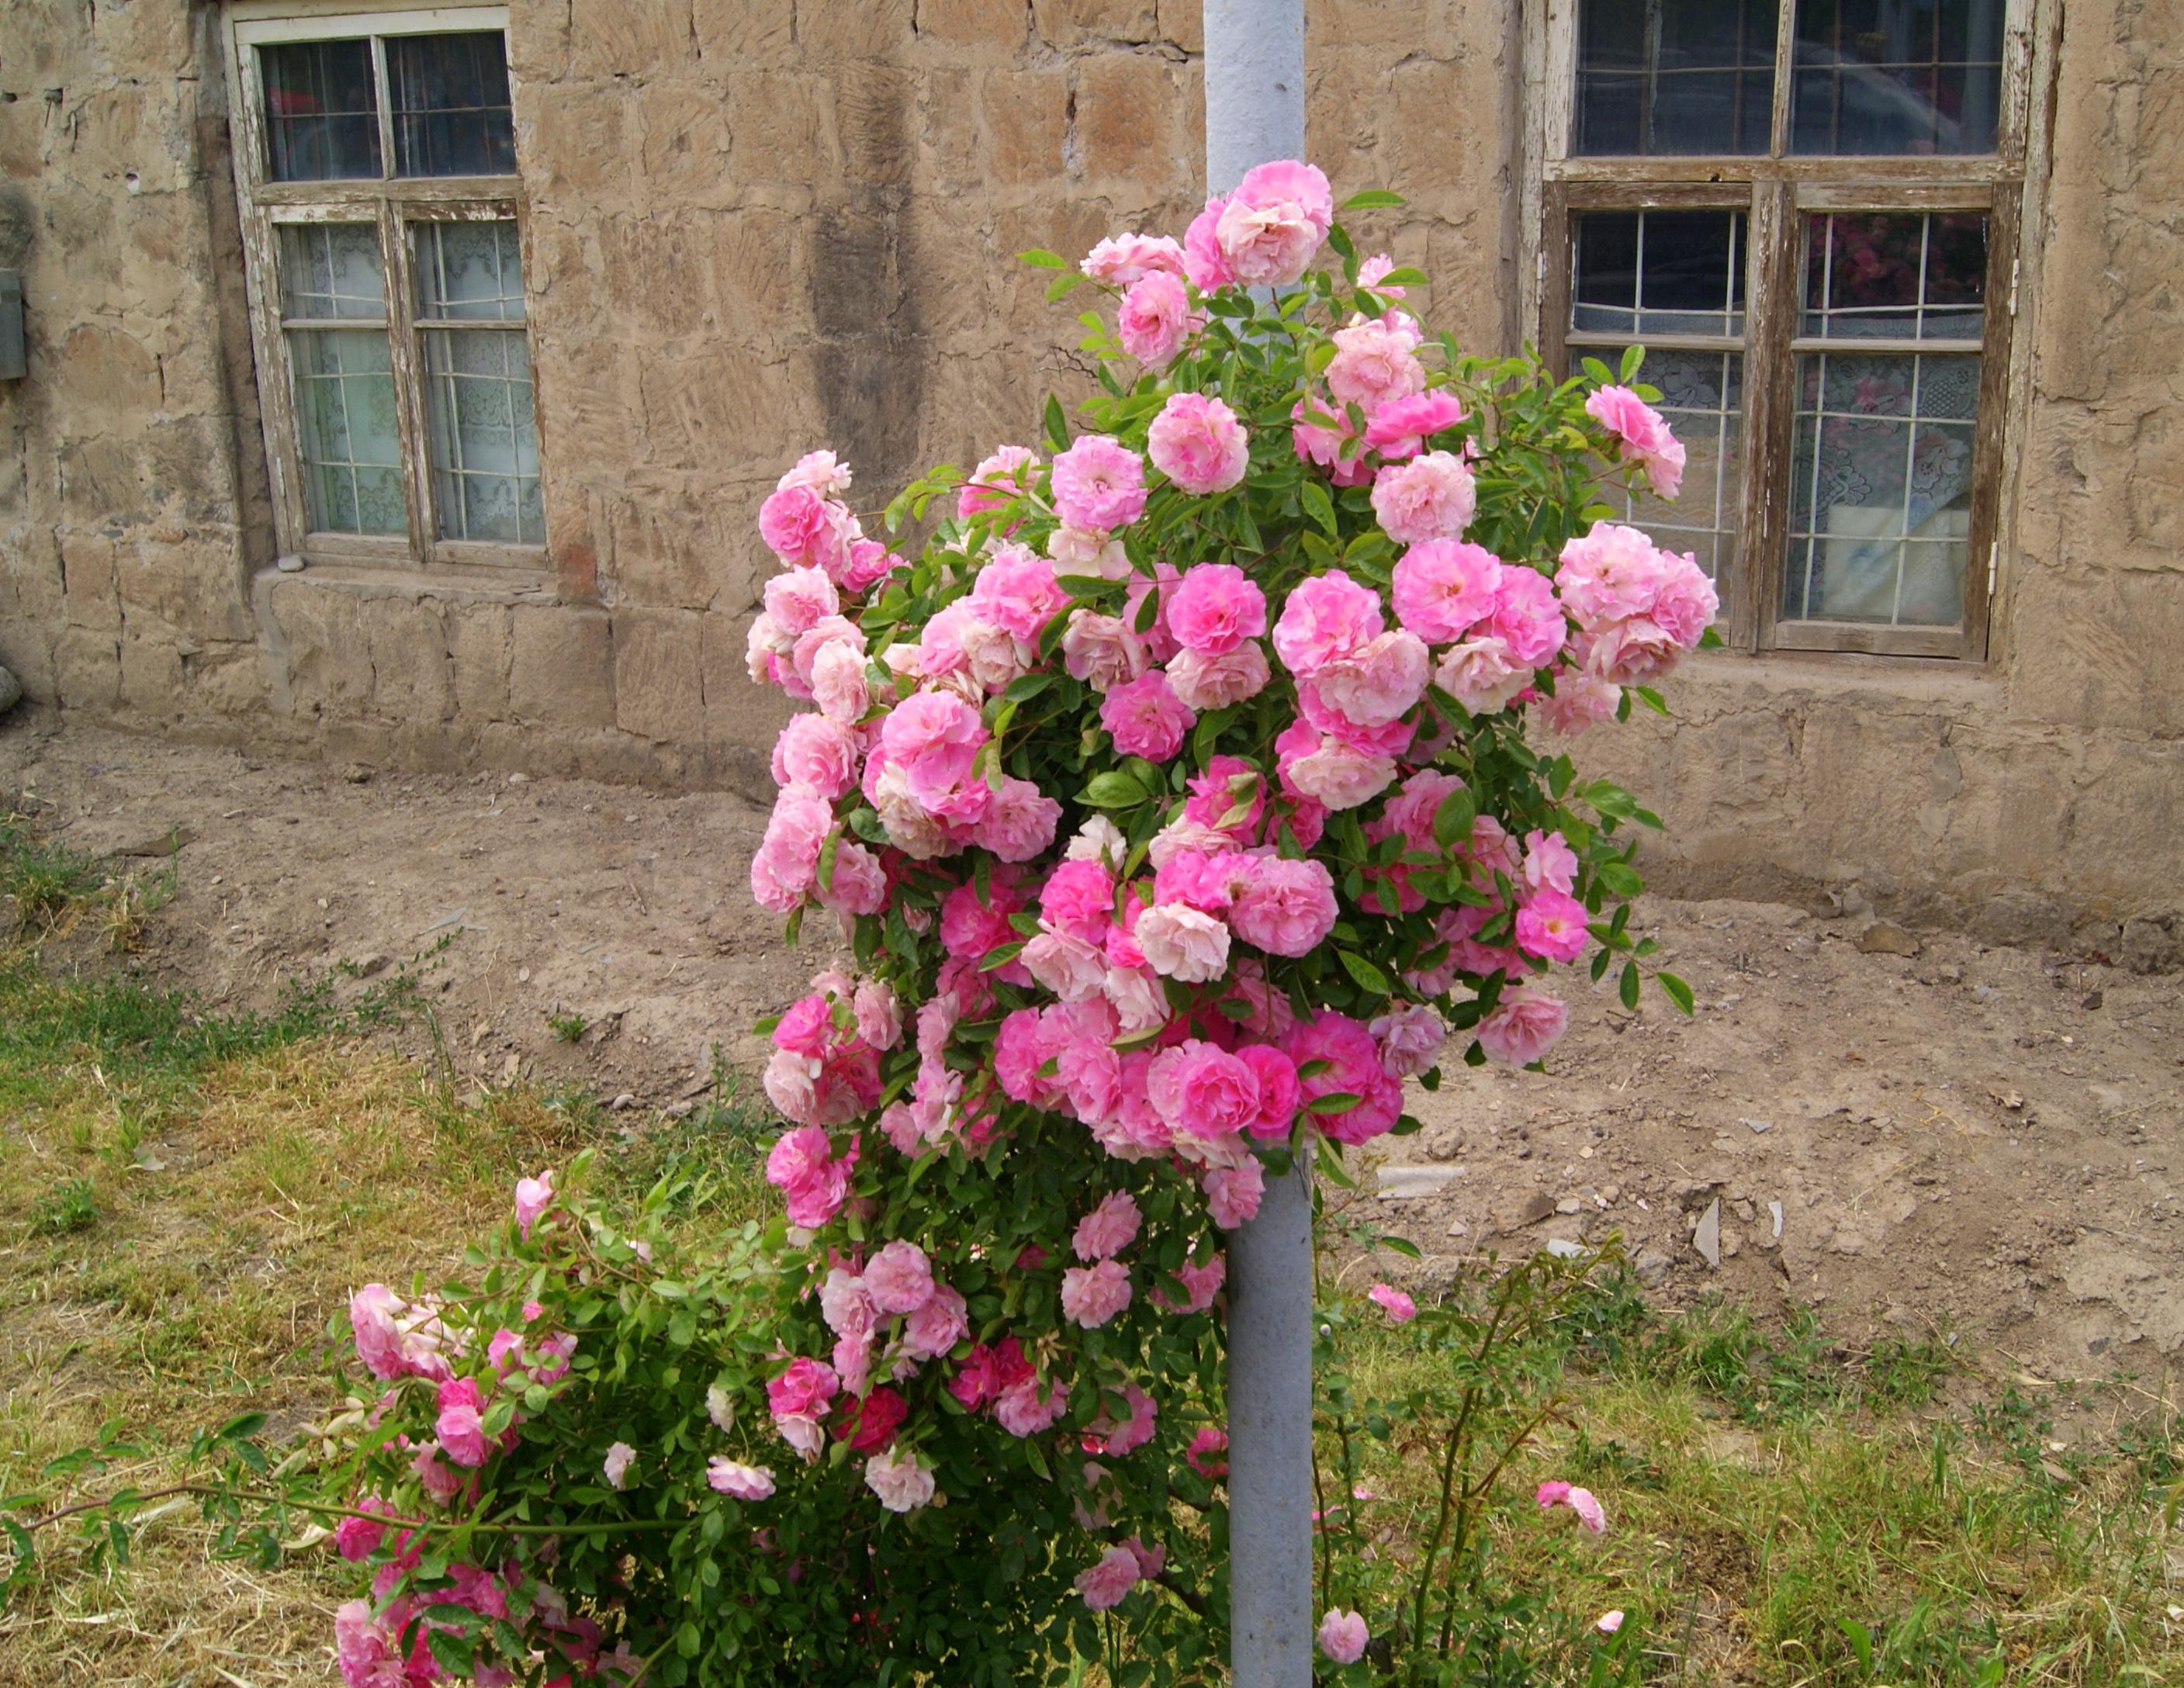 Rose_bush_at_Hnaberd%2C_Ararat.jpg